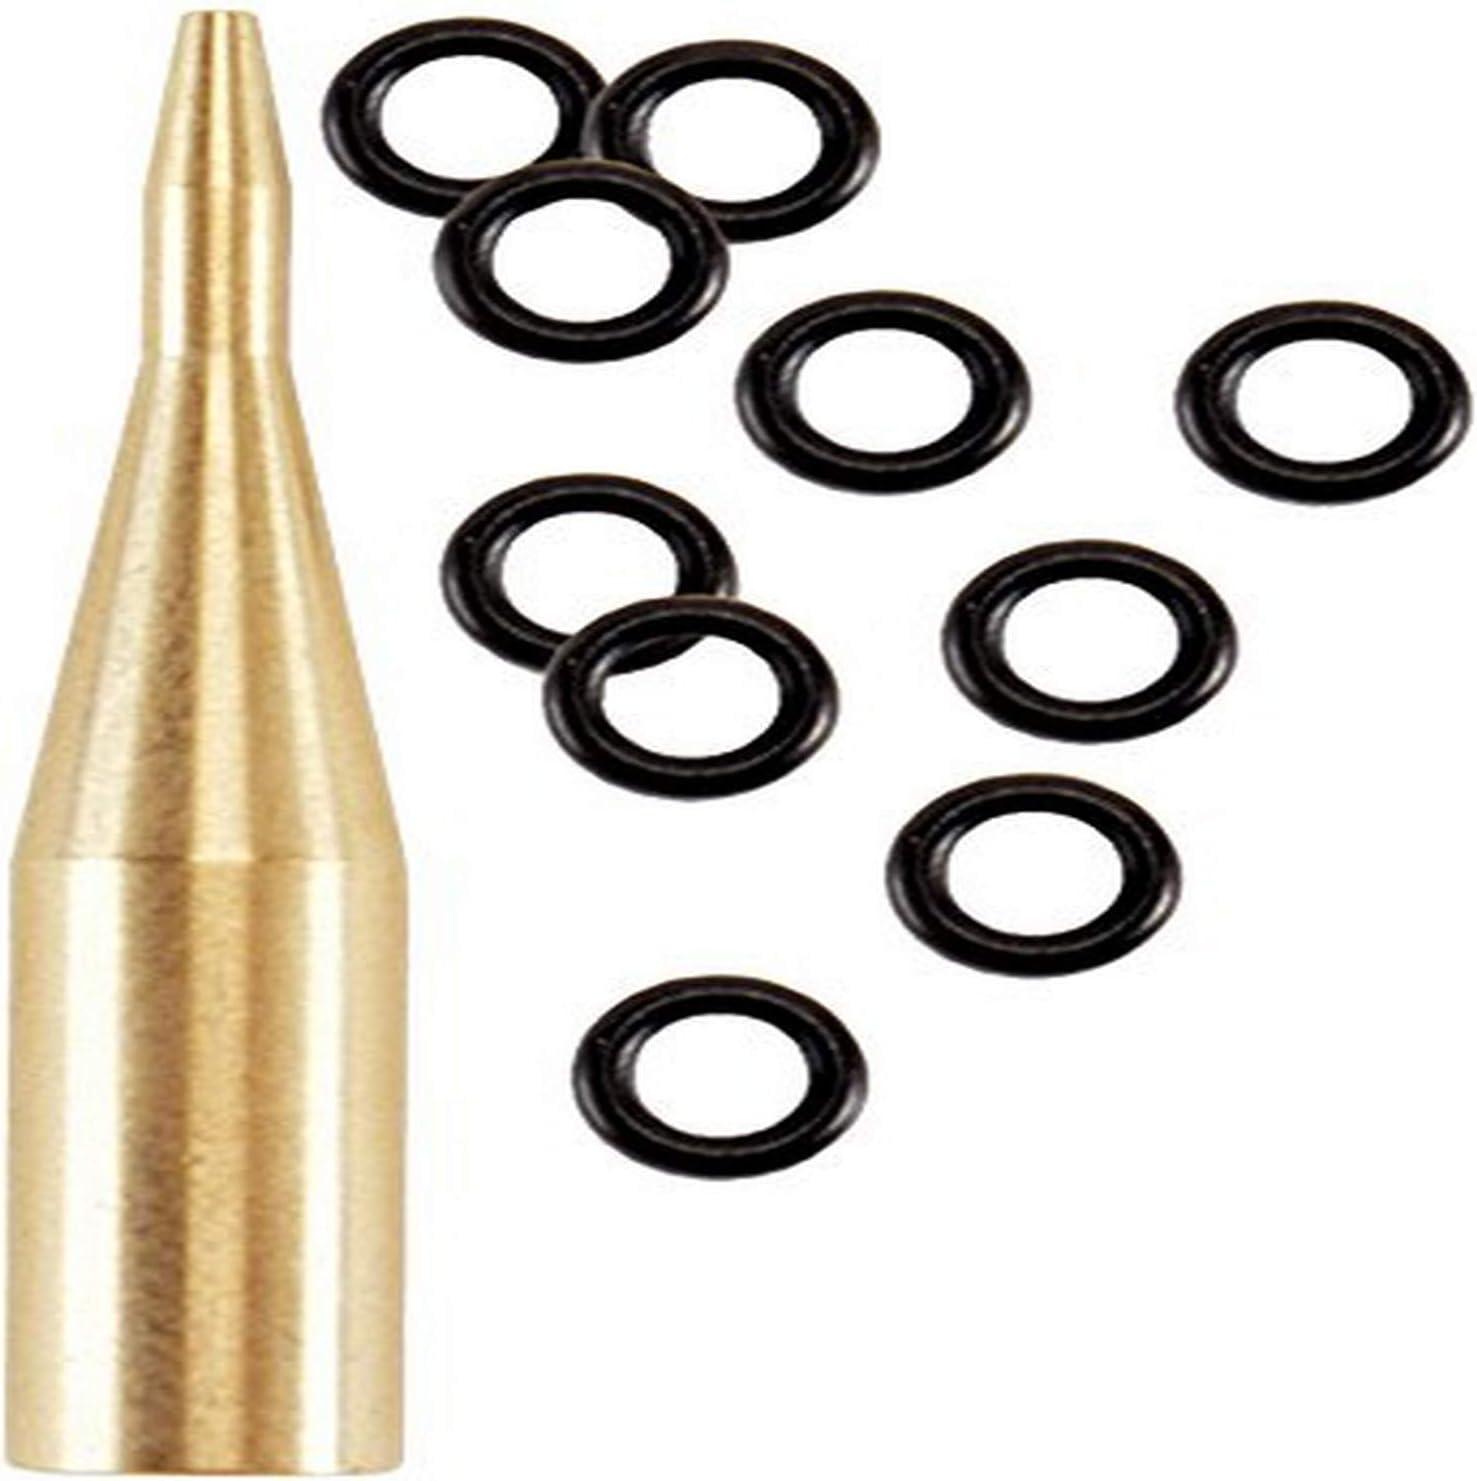 Gummidichtung O-Ring Applikator Werkzeug //Unterlegscheiben Darts Zubehör